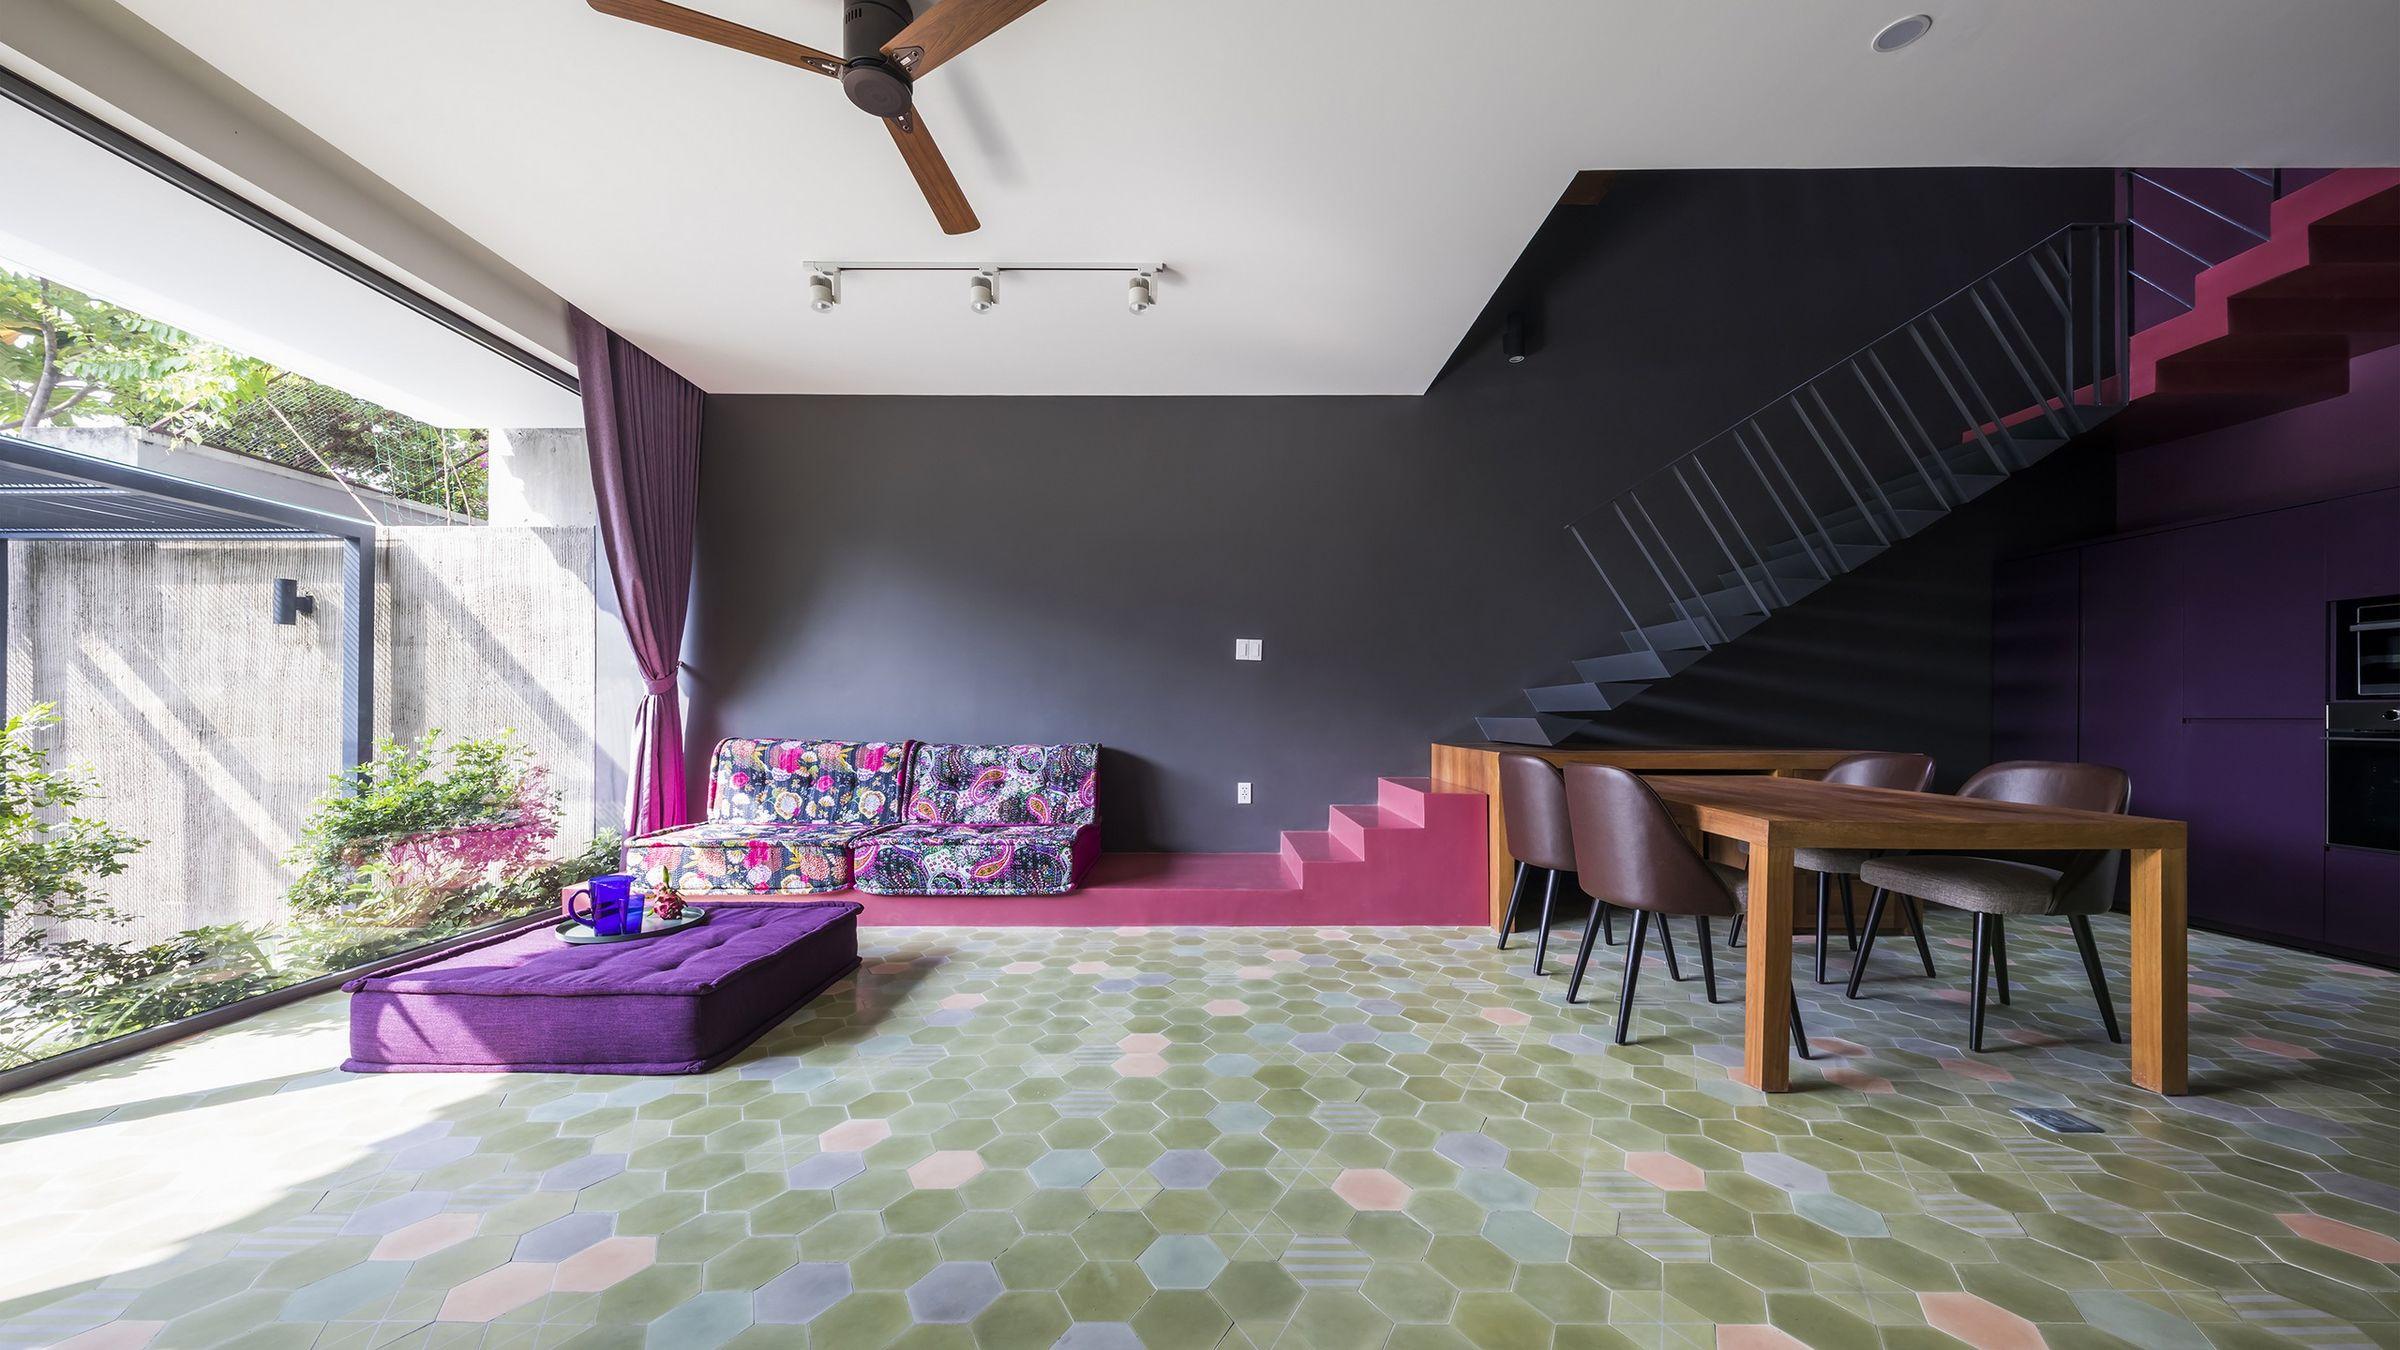 Nội thất se sẻ, Se Sẻ furniture, cách thiết kế nội thất phòng khách, cách thiết kế nội that phòng ngủ, cách thiết kế nội thất nhiều màu sắc, cách trang trí nội thất phòng khách, cách thiết kế nội thất phòng ngủ, cách thiết kế không gian mở, cách tối ưu hóa không gian